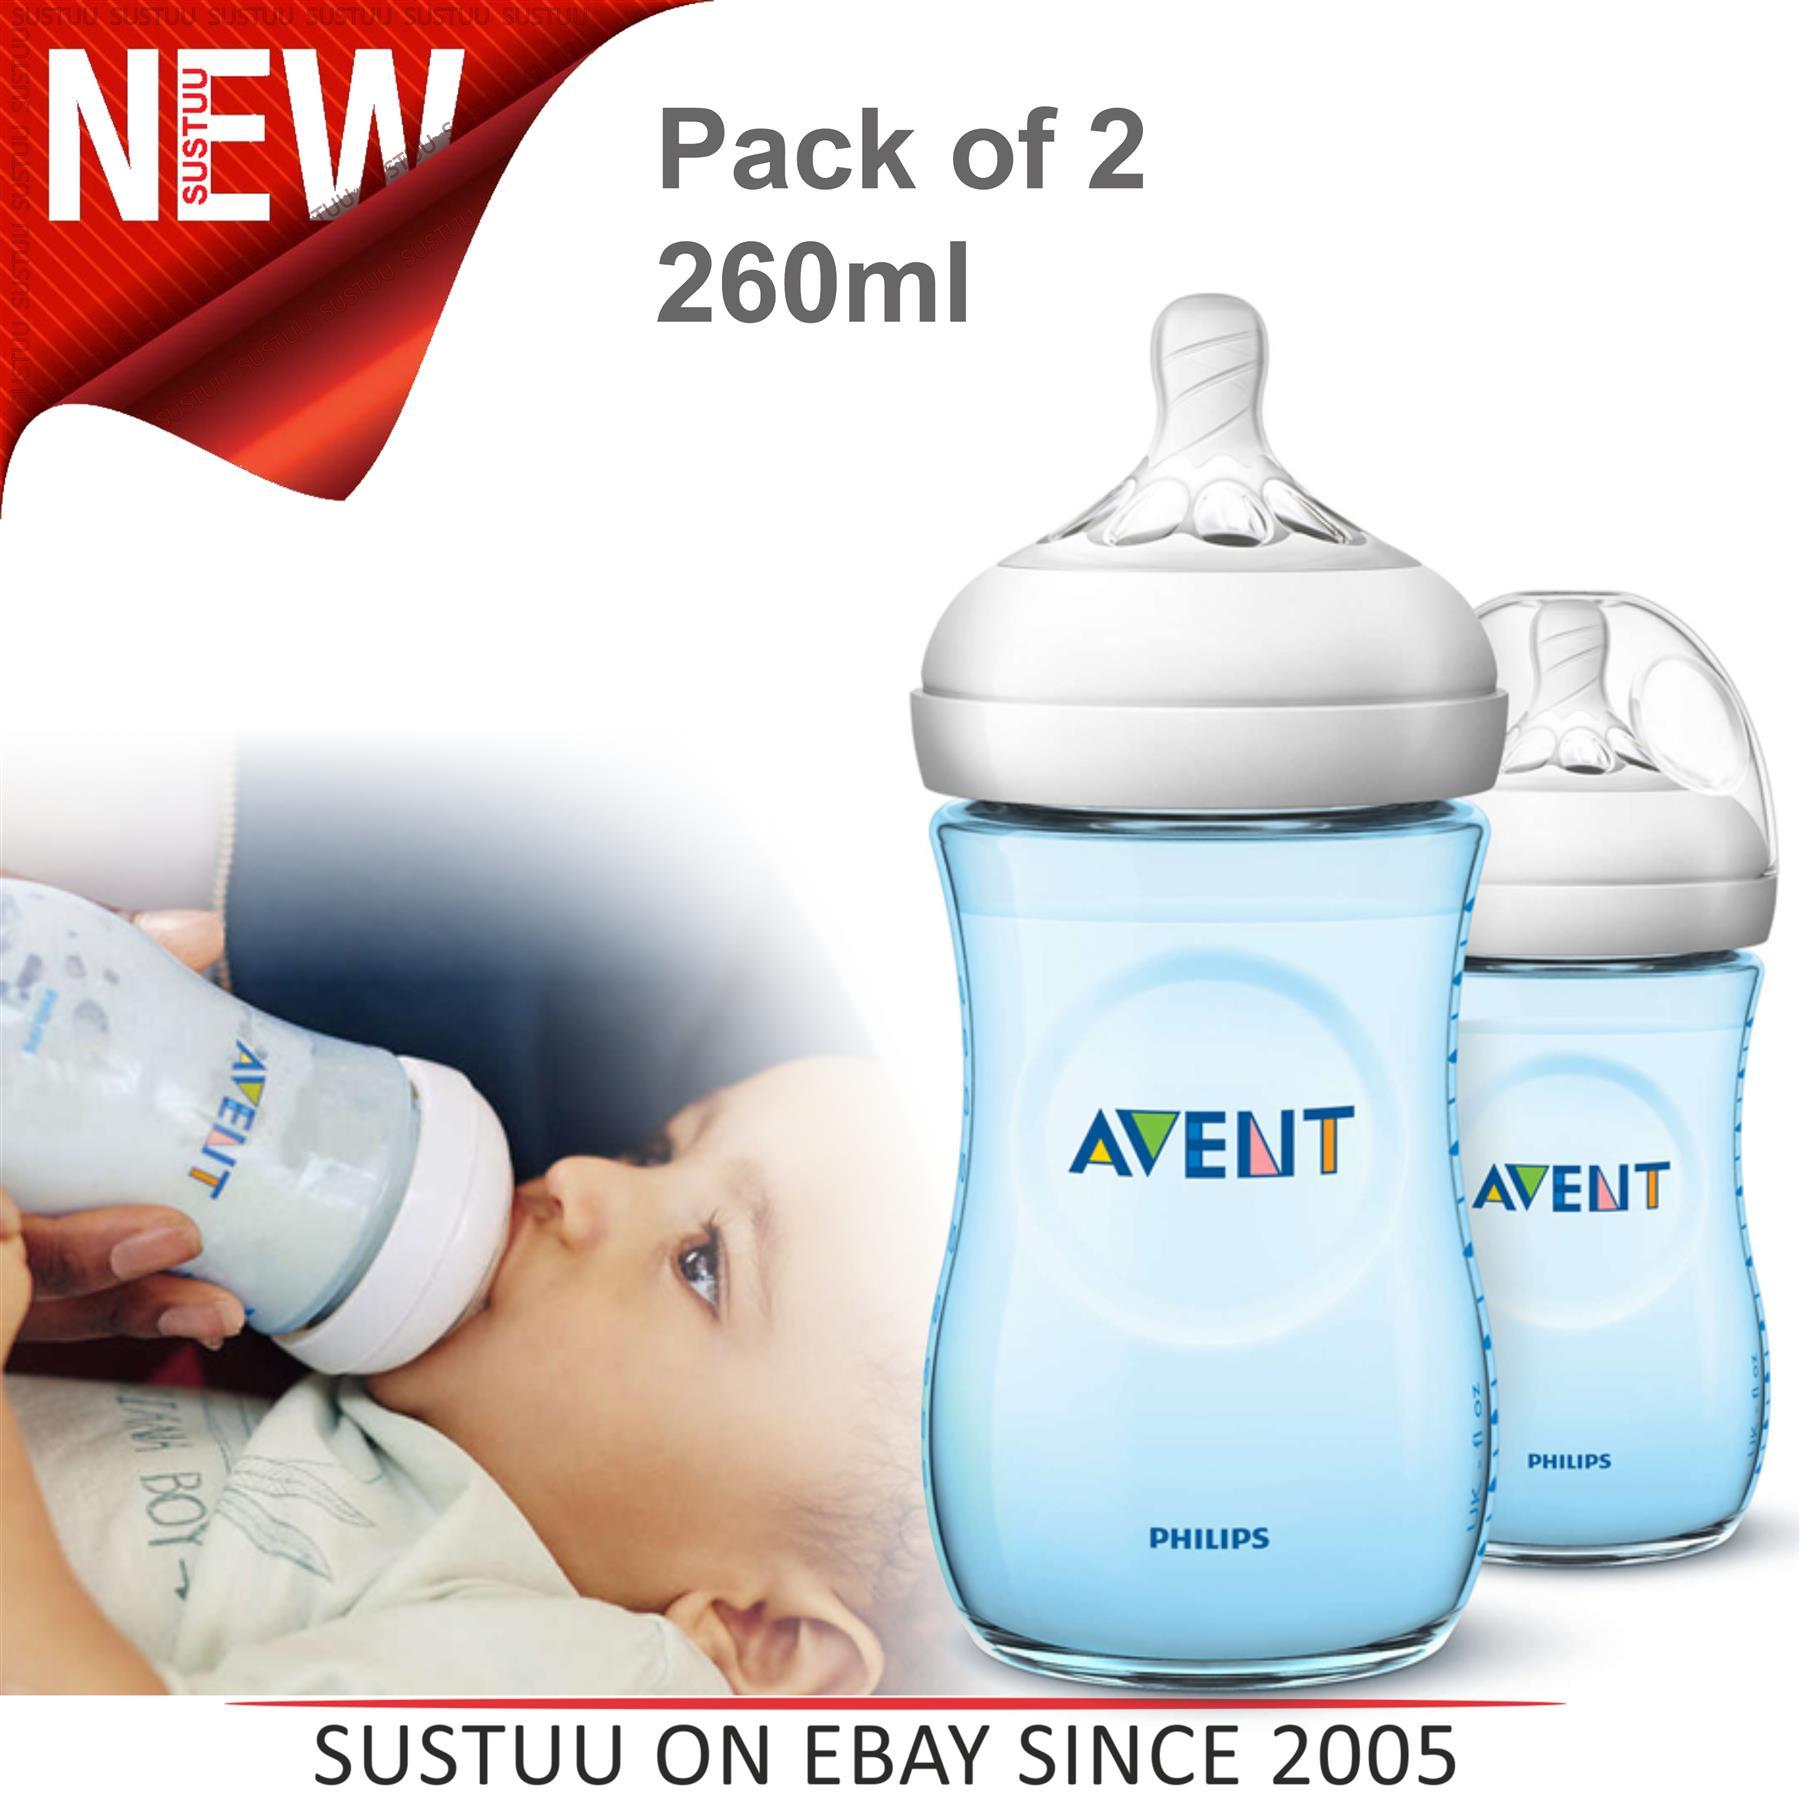 Philips Avent Bottle Feeding Essentials Gift Set 1 2 3 6 12 Packs